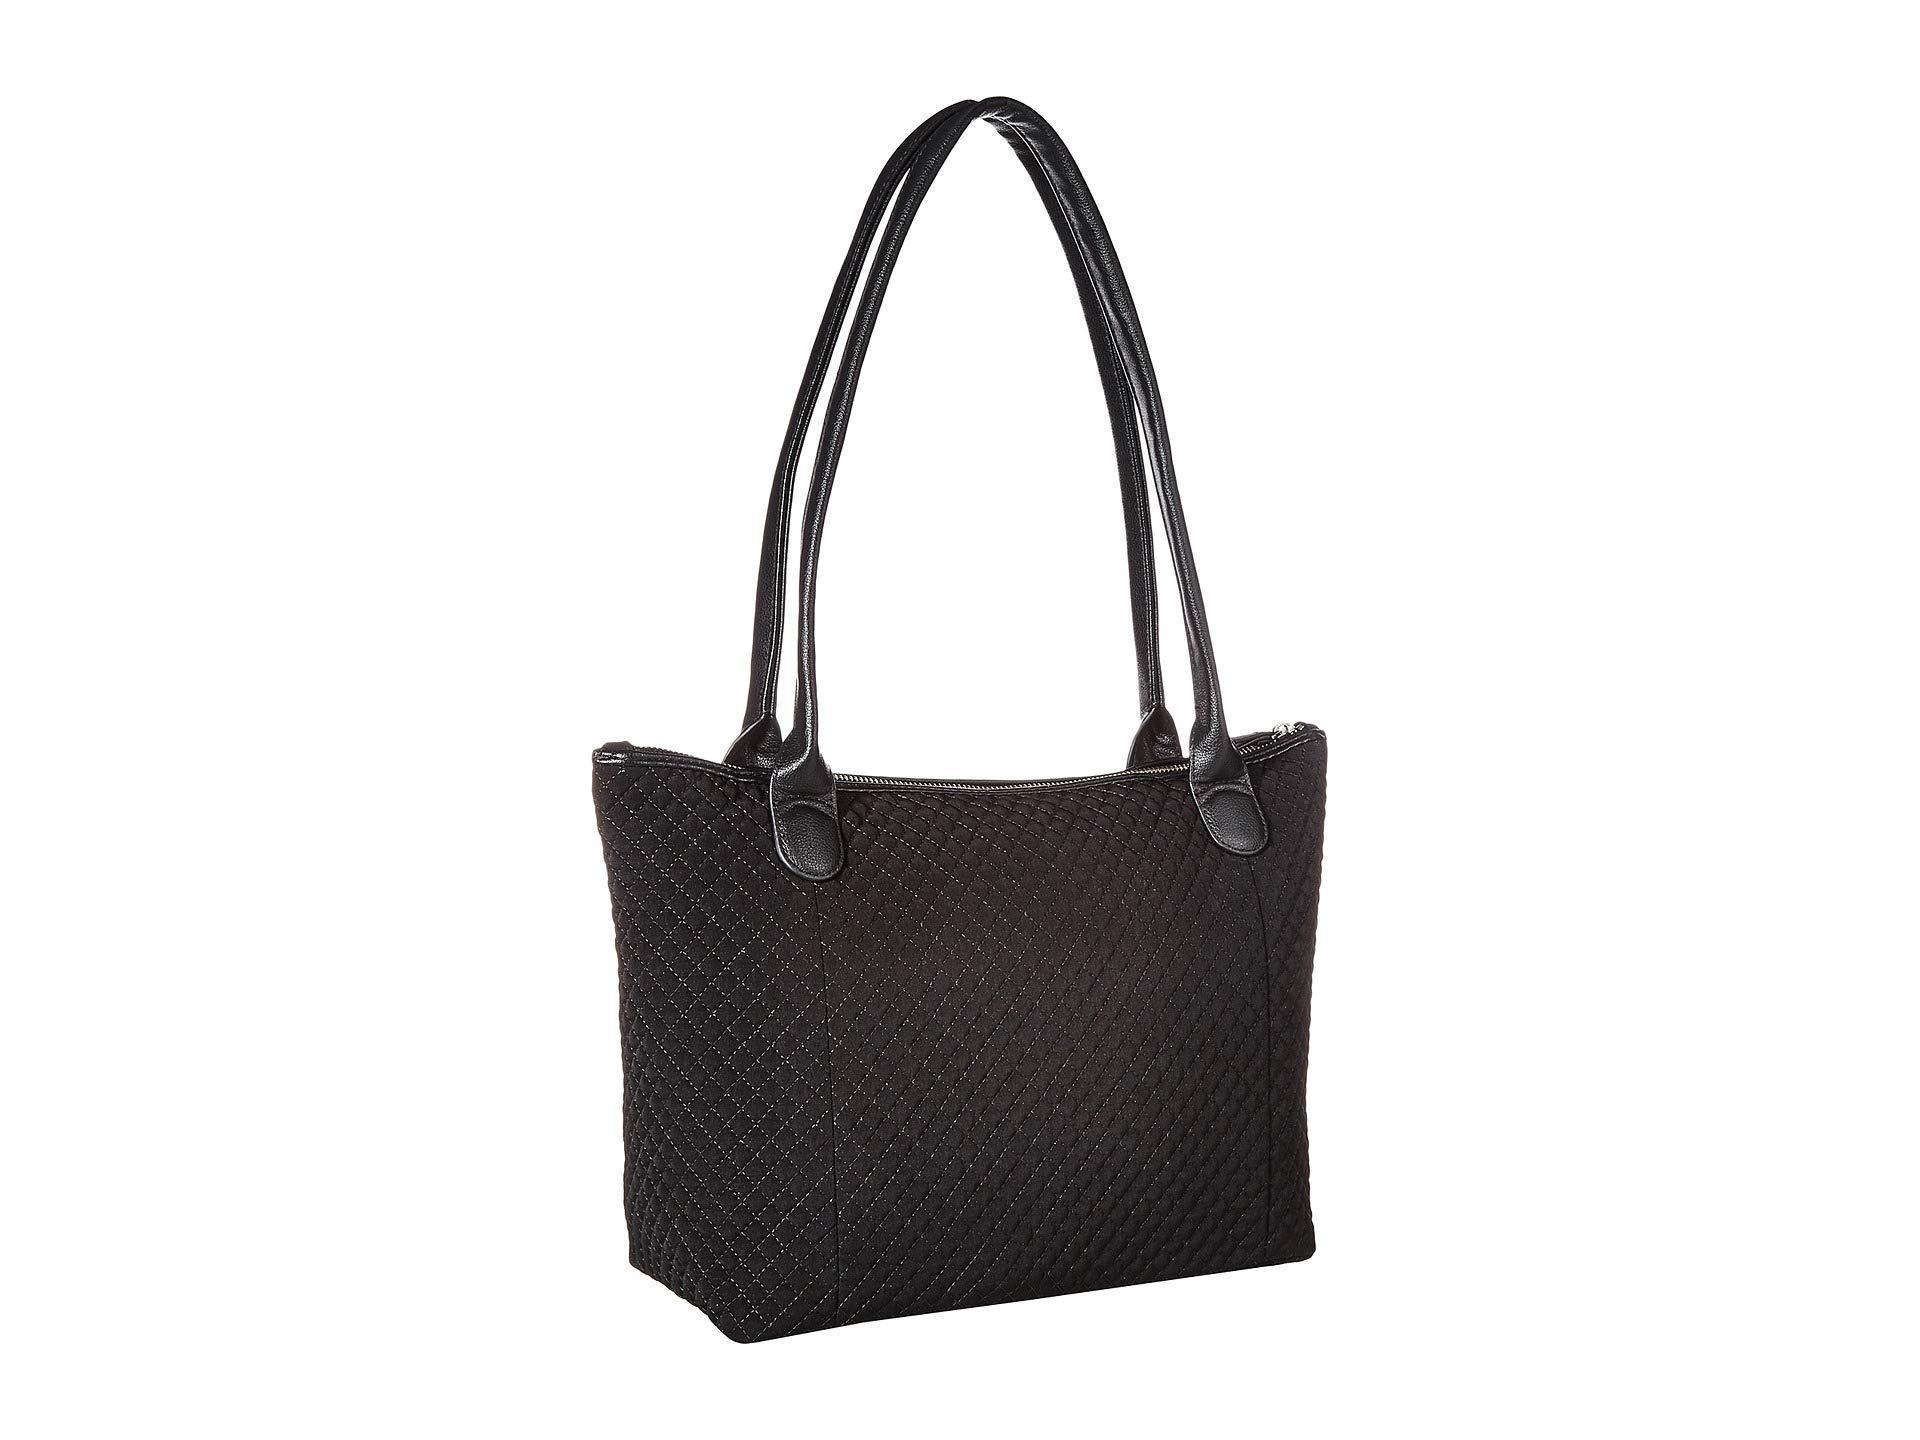 9b5d57ff30ef Vera Bradley - Black Carson East west Tote (daisy Dot Paisley) Tote Handbags.  View fullscreen